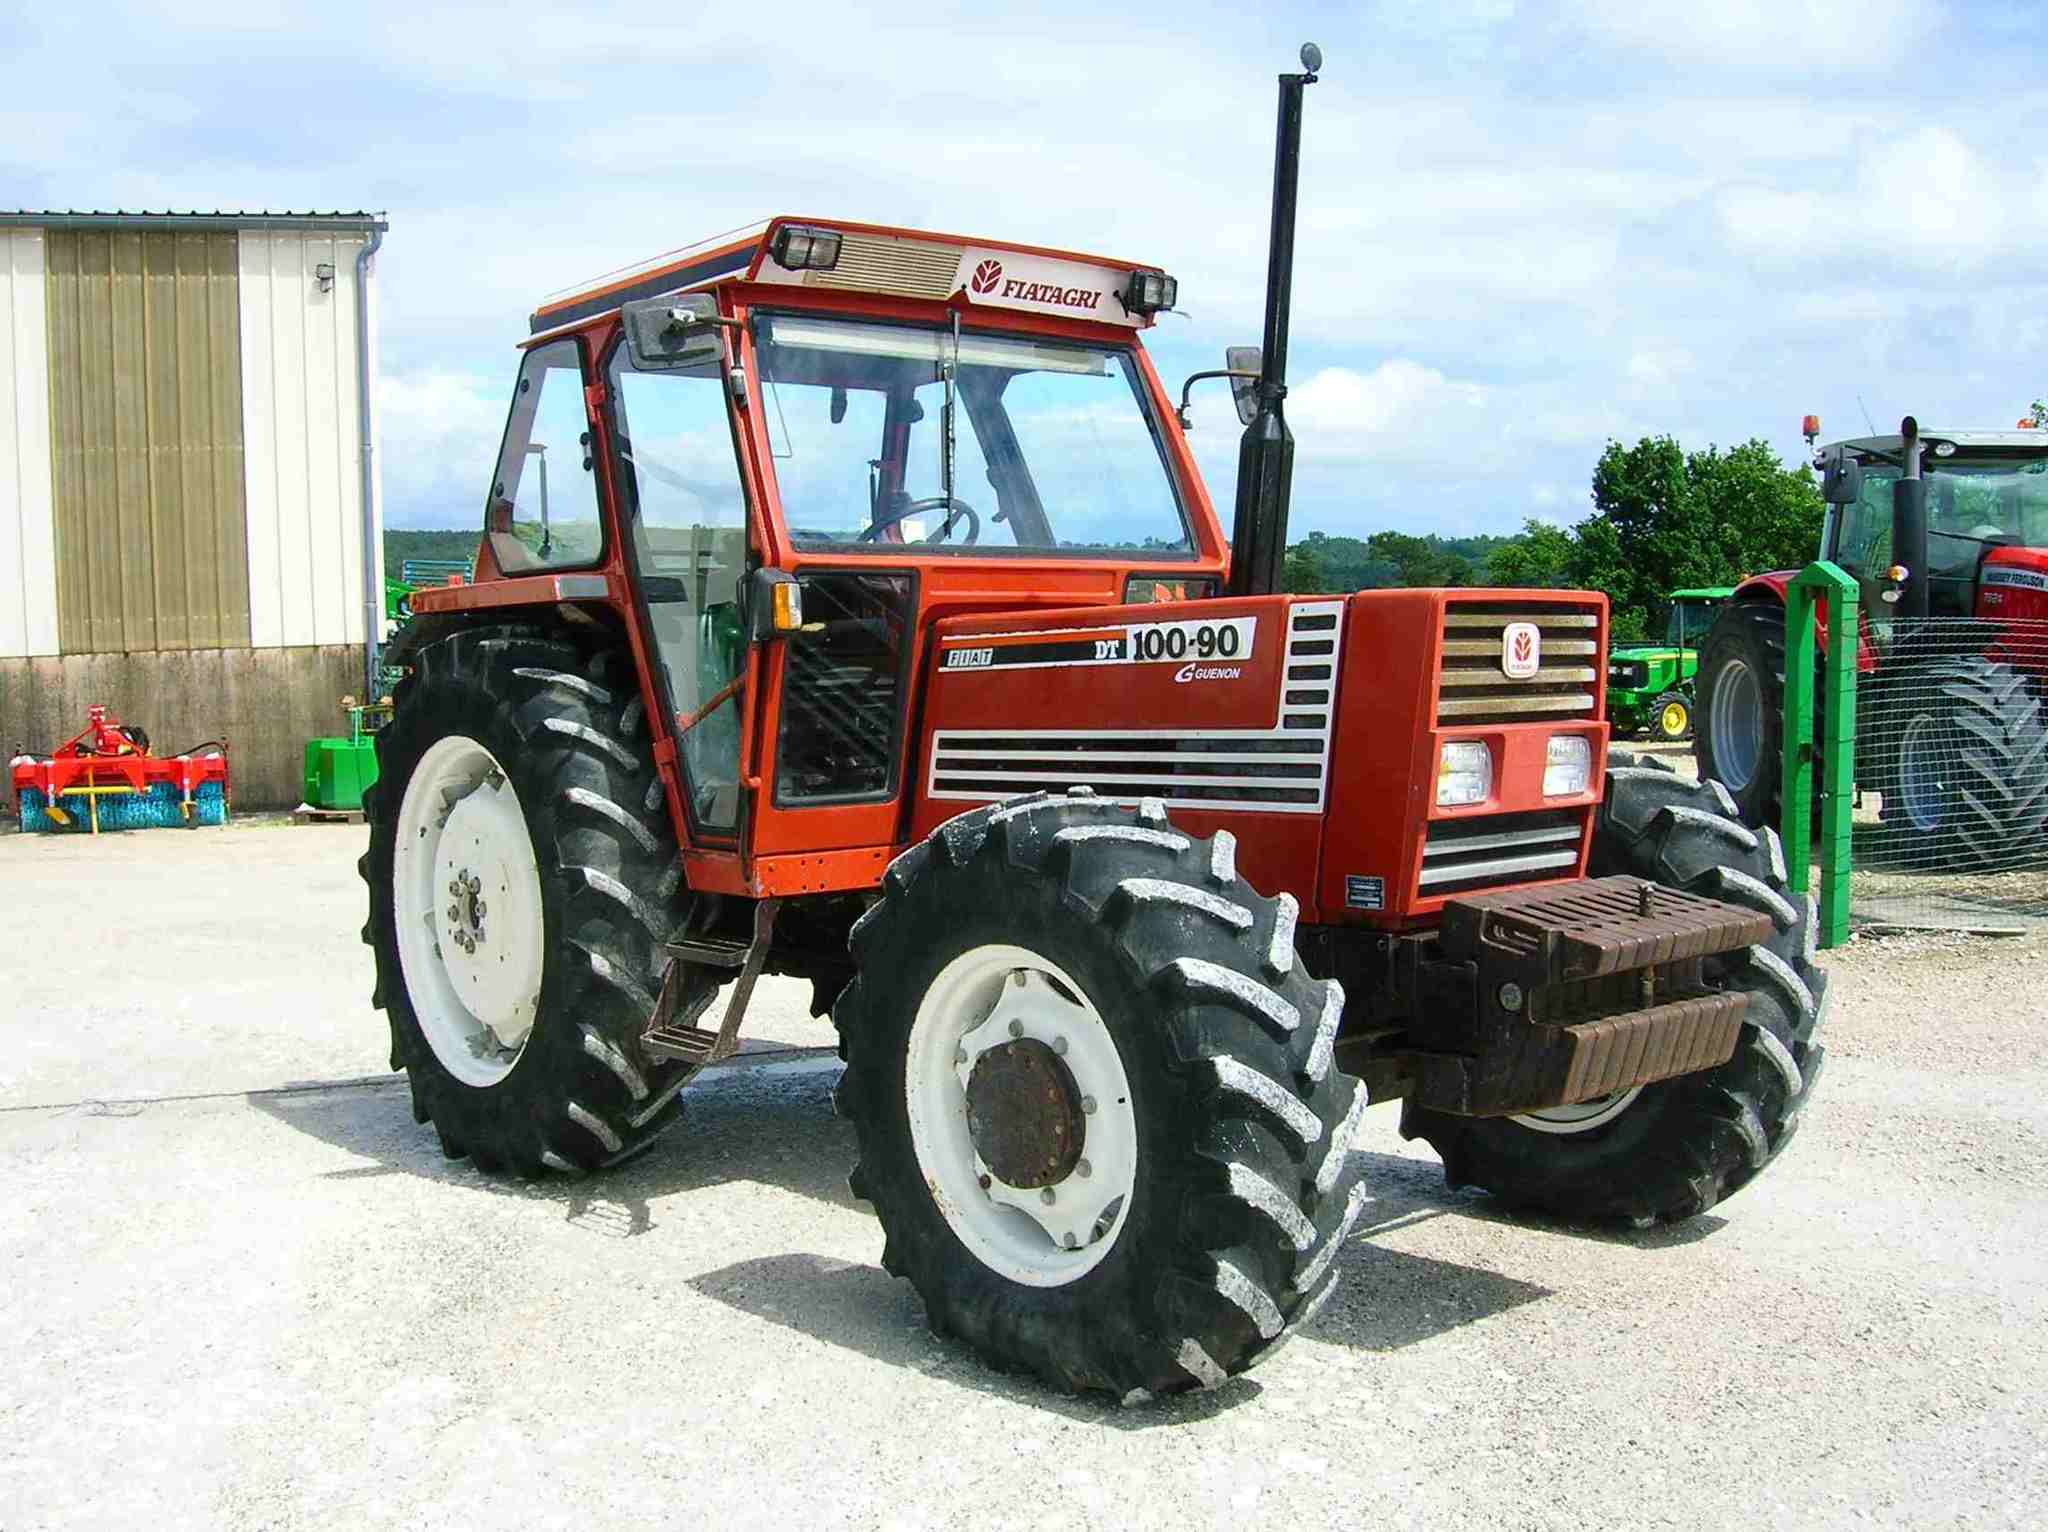 tracteur agricole fiat 100 90 vendre sur guenon. Black Bedroom Furniture Sets. Home Design Ideas